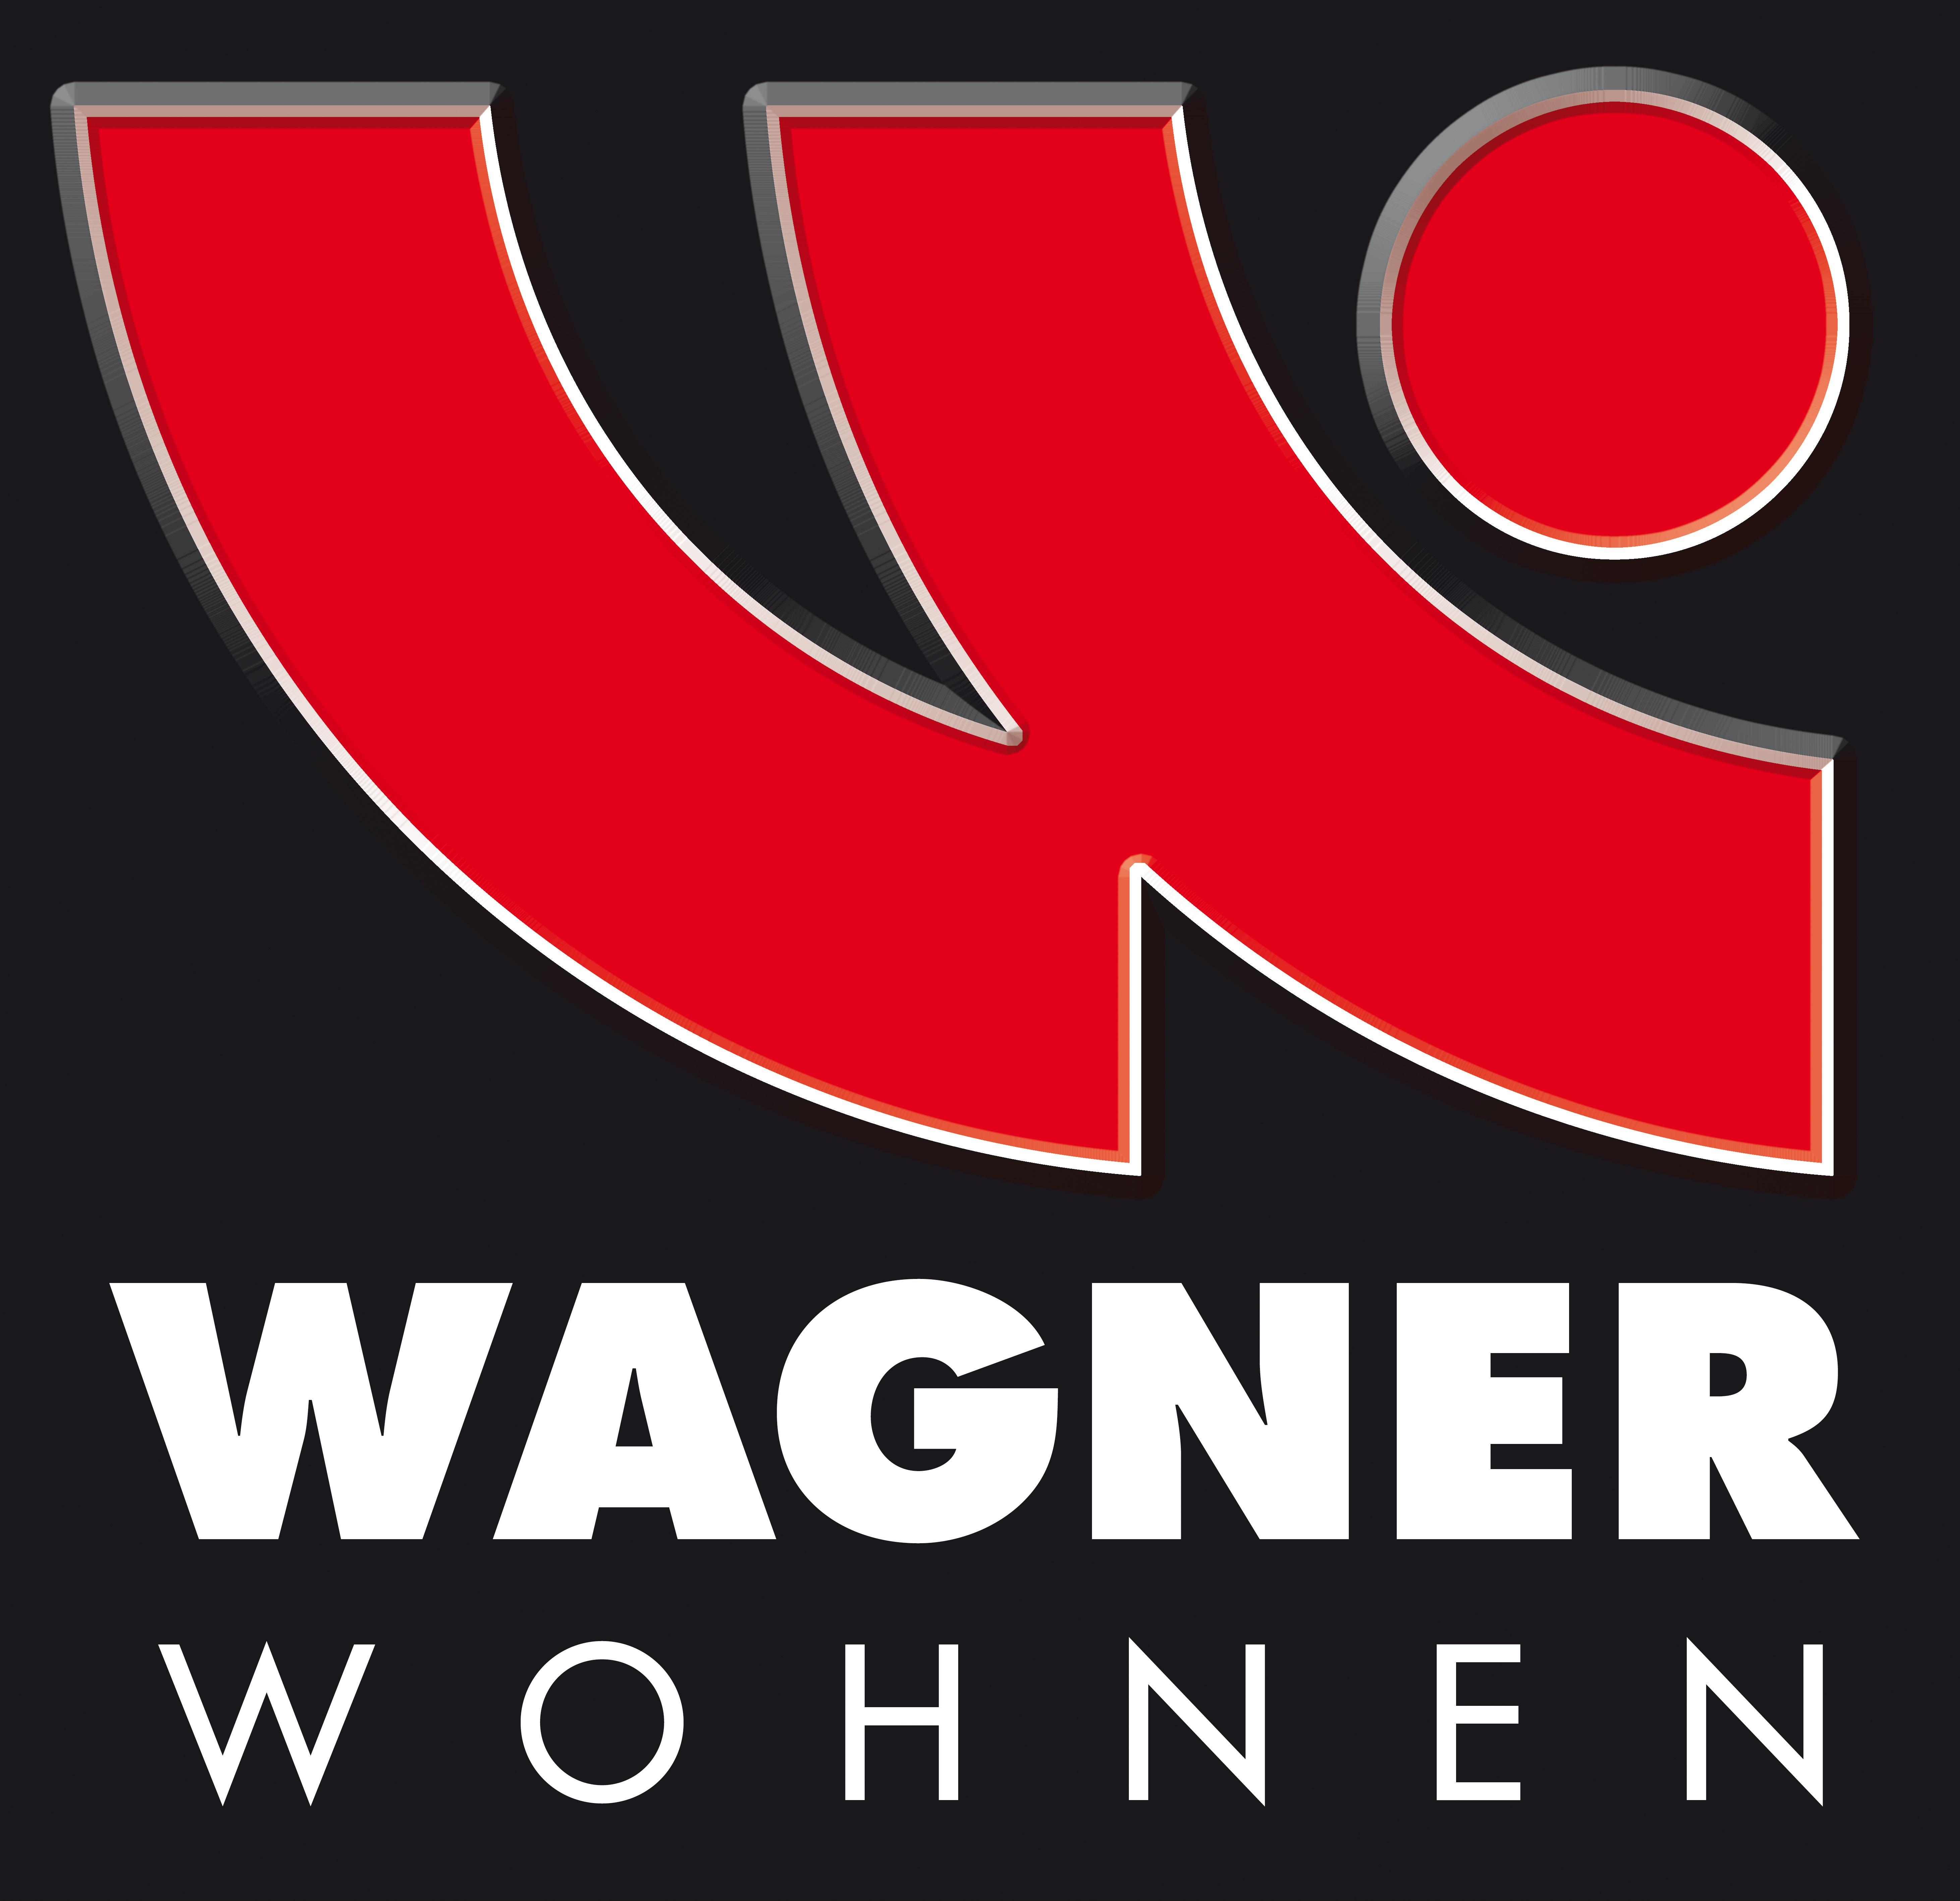 wagner-wohnen-gmbh-syke-barrien logo